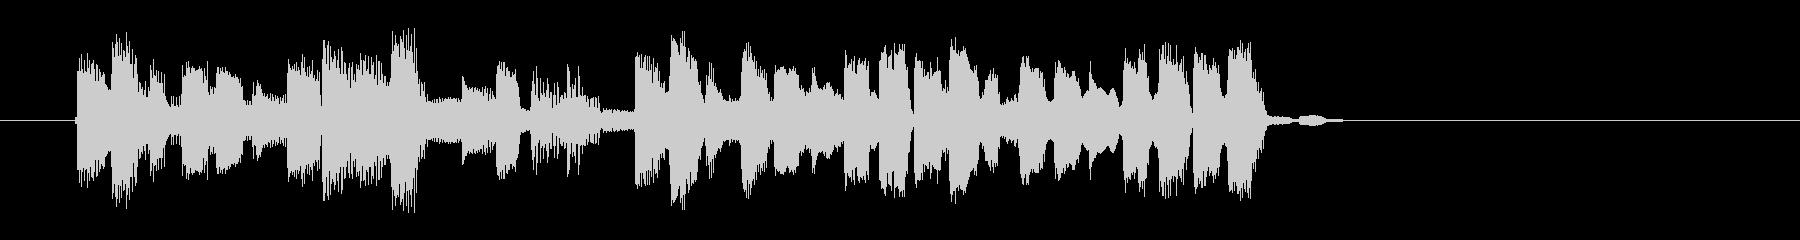 宇宙感のあるシンセギターサウンド(短め)の未再生の波形